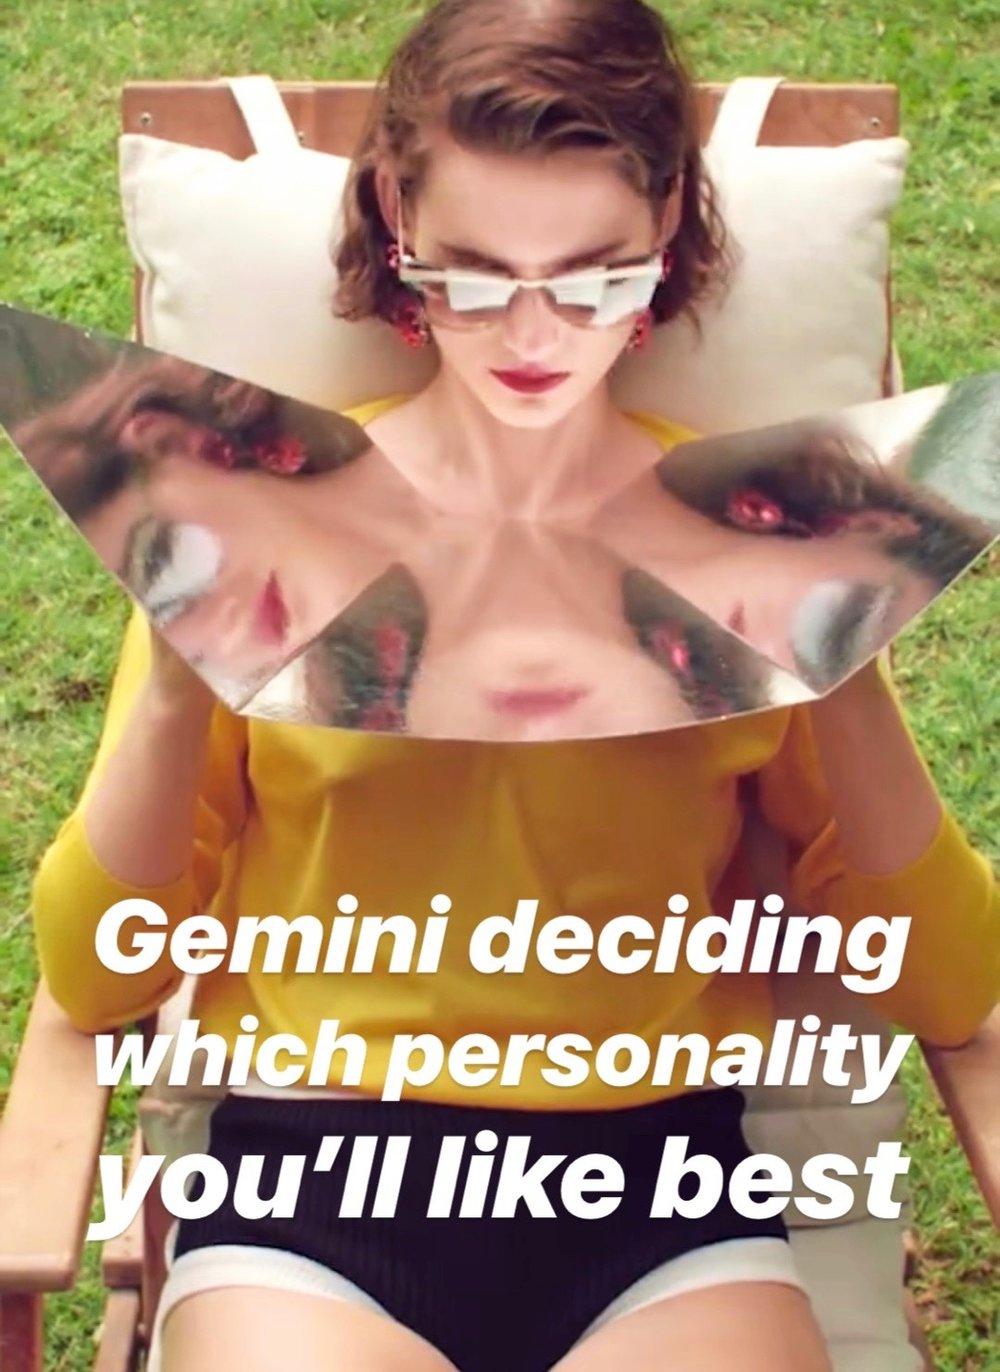 TBP_Musing_Meme_Zodiac_Gemini.jpg